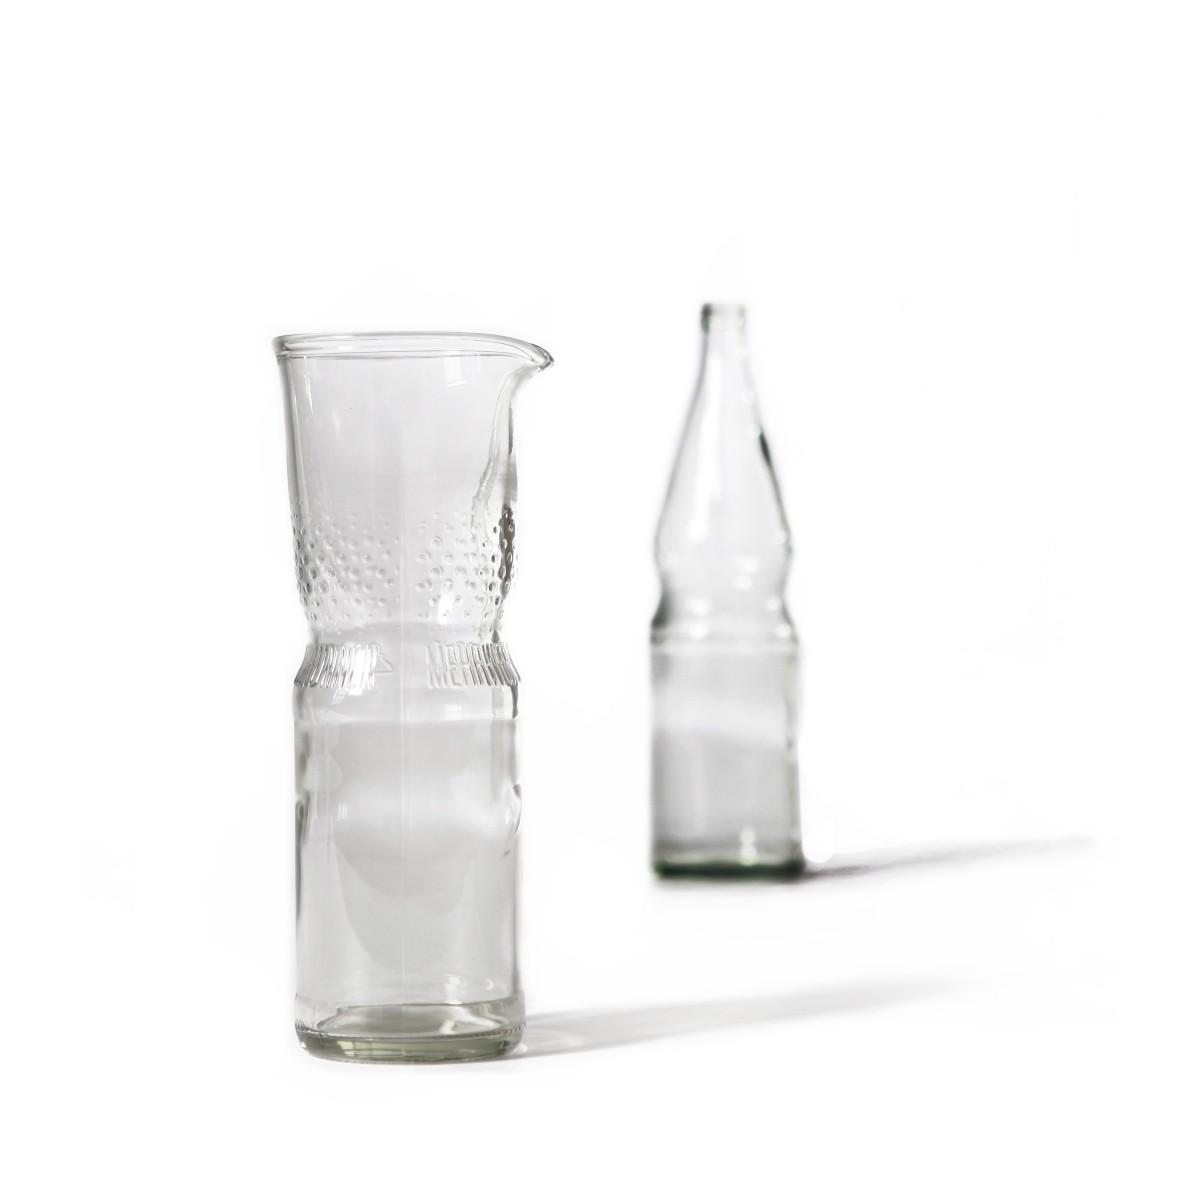 SAMESAME No.02 Karaffe aus Brunnenflasche